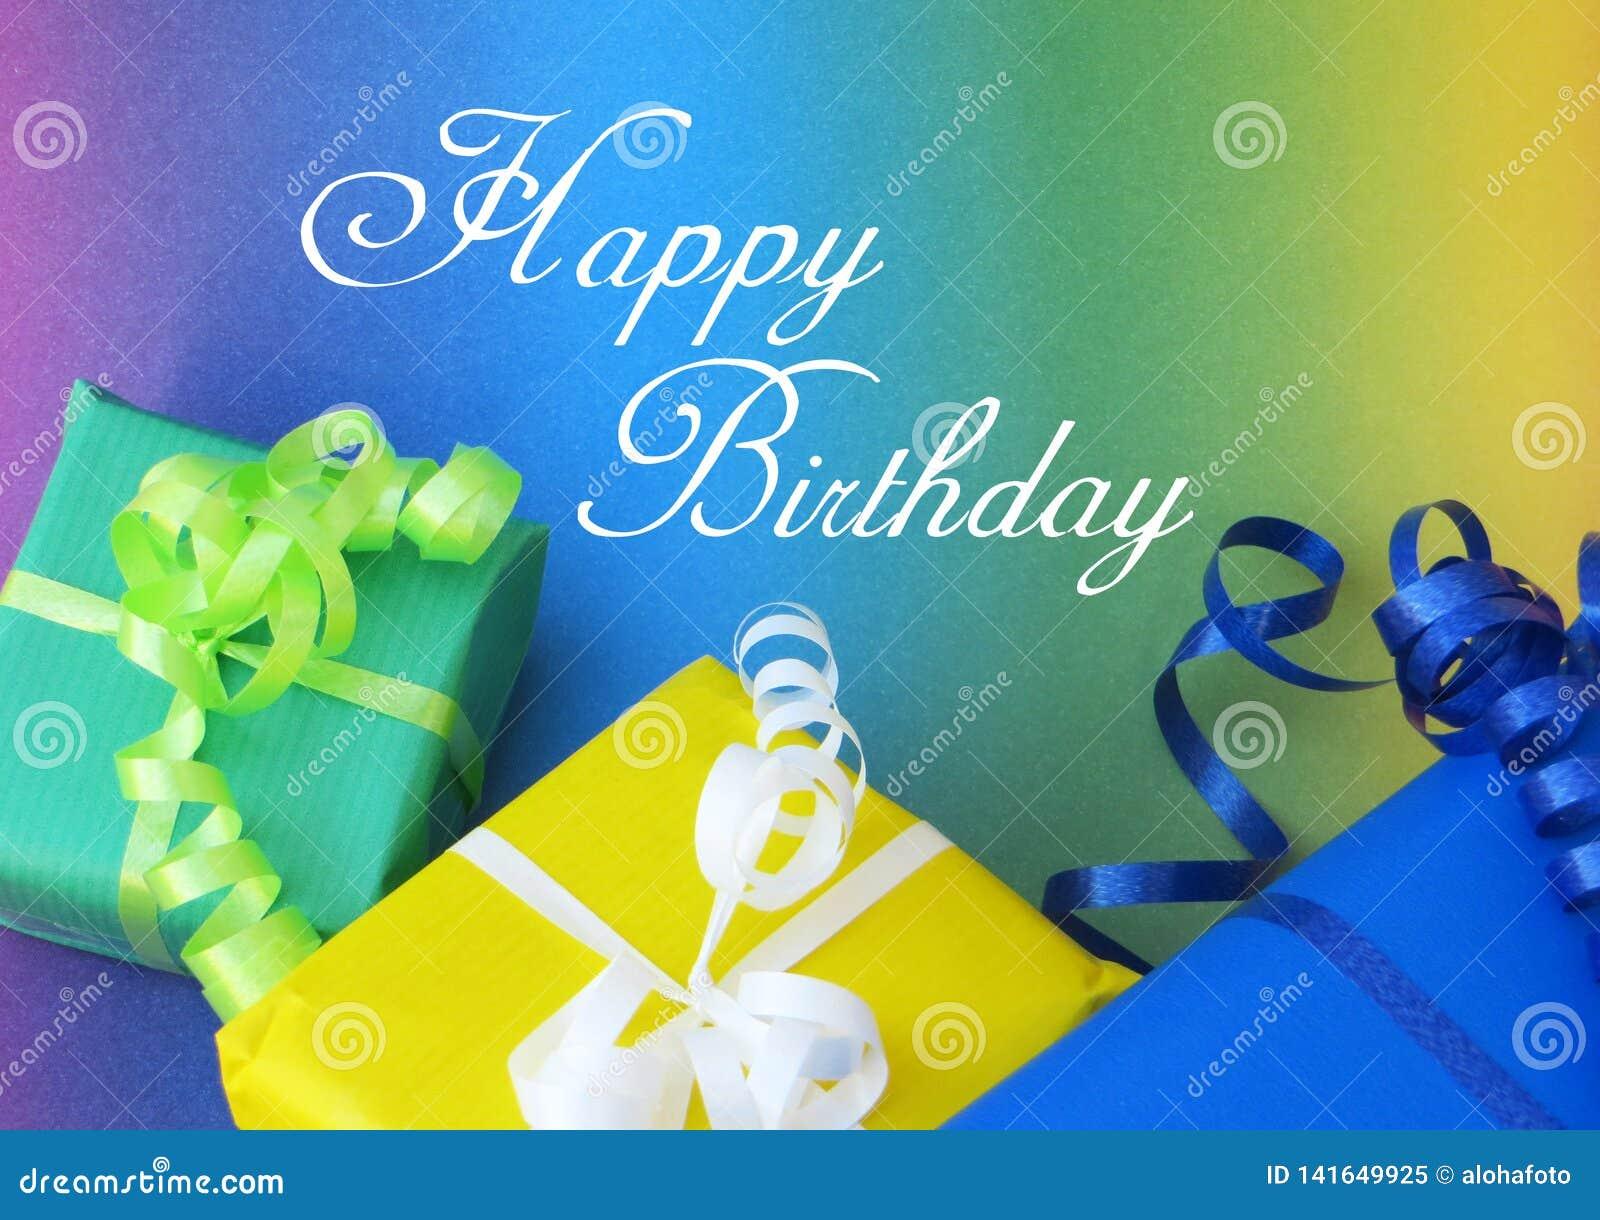 与五颜六色的礼物的明信片以黄绿色和蓝色和生日快乐剧本文本